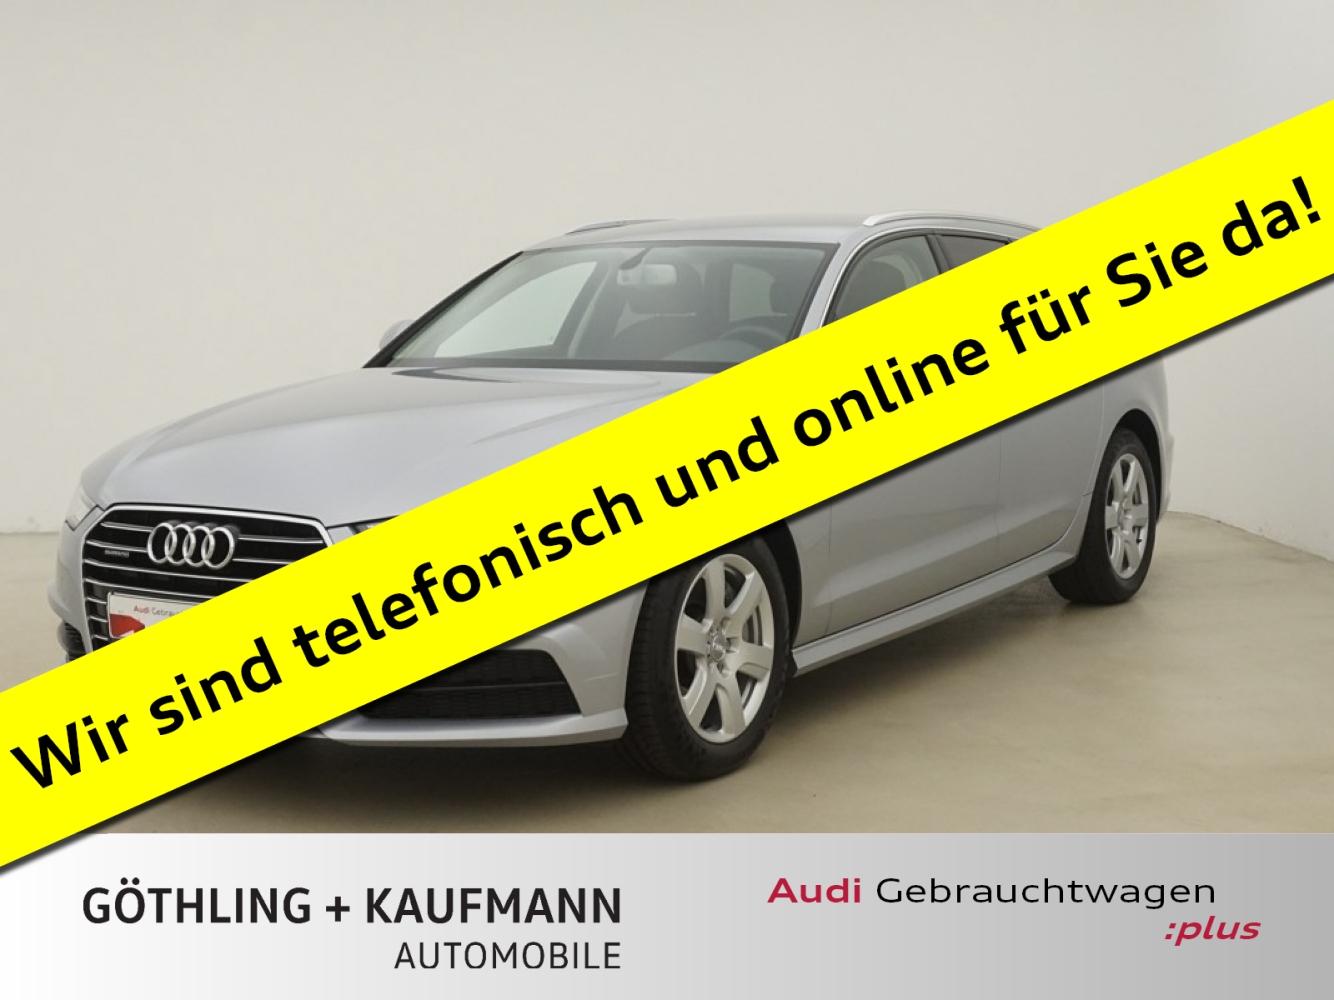 Audi A6 Avant 3.0 TDI qu S tro. 160kW*Kamera*Xenon+*N, Jahr 2017, Diesel